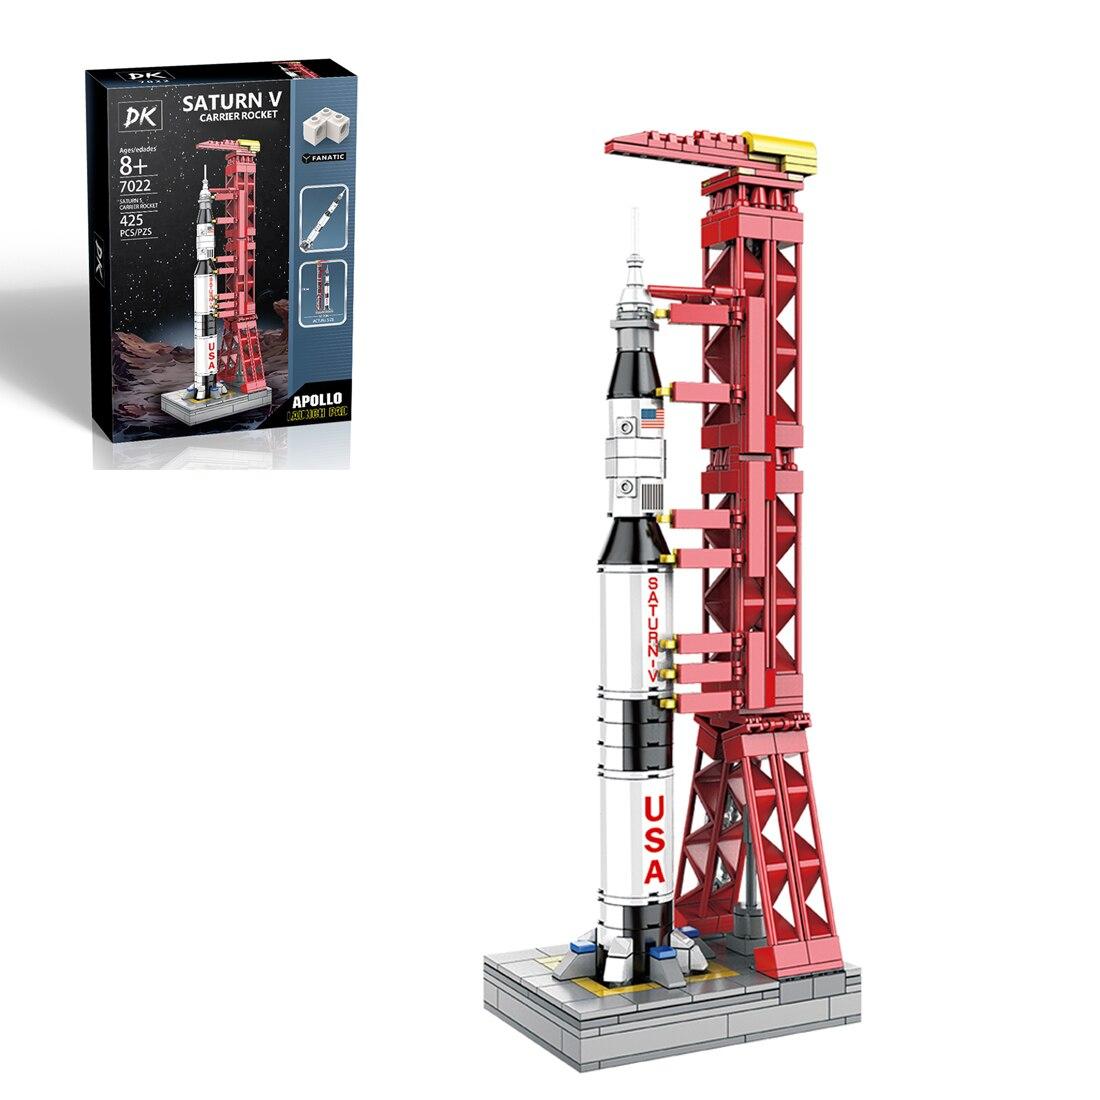 425 шт., конструктор MOC Technic Apollo Project, лунный кирпич, игрушки, Сатурн V-Carrier, ракета, сделай сам, мелкие детали, модель, игрушка, подарок на возраст 8...